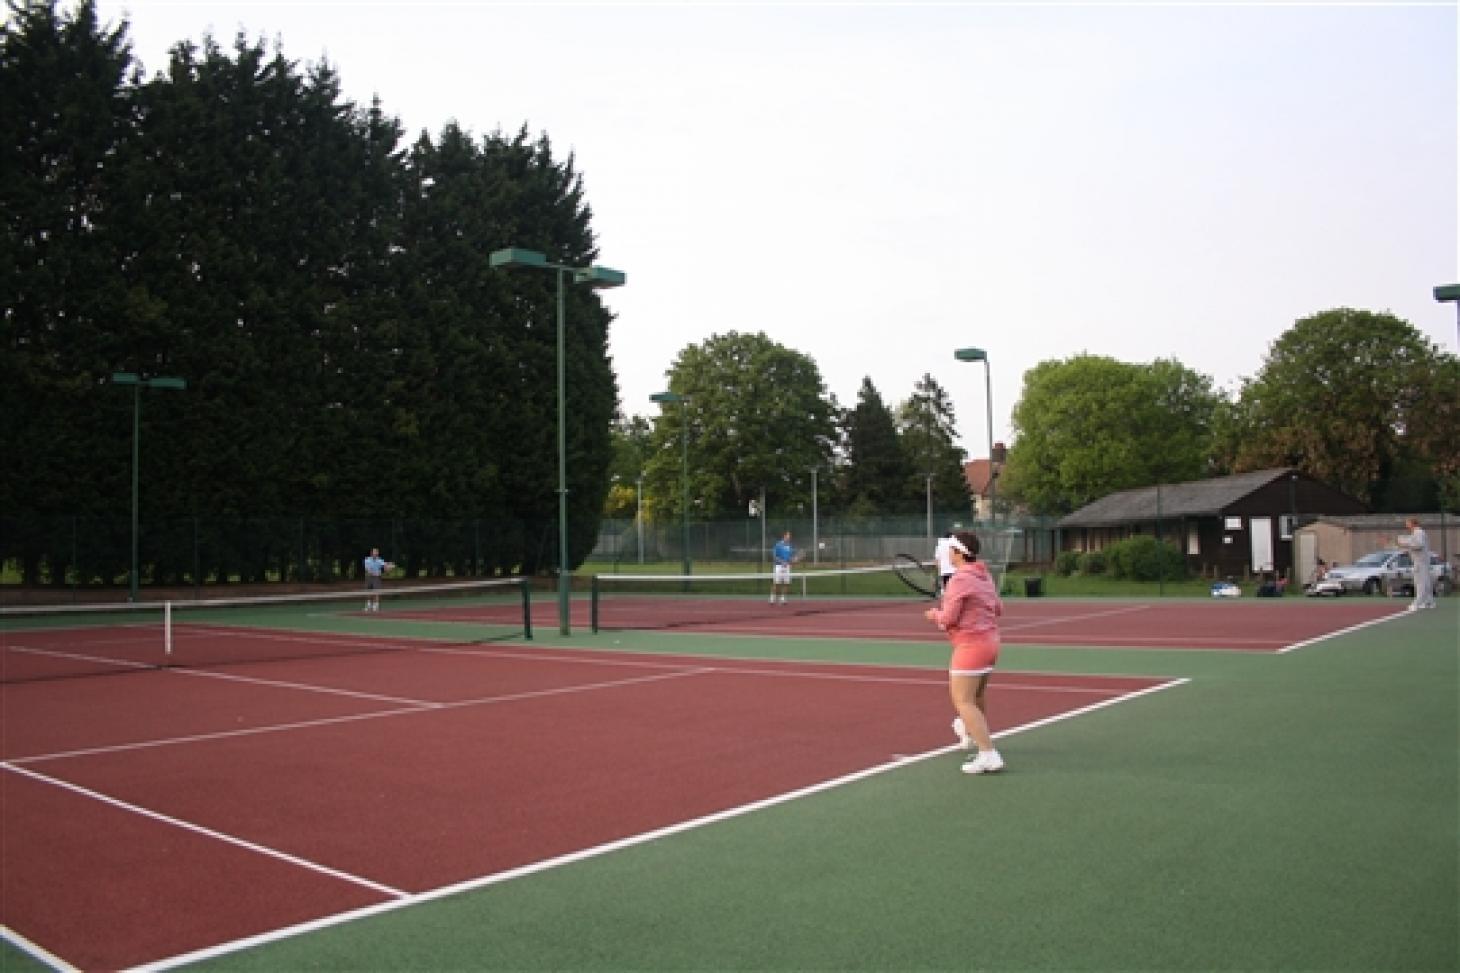 Brackendale Lawn Tennis Club Outdoor | Astroturf tennis court